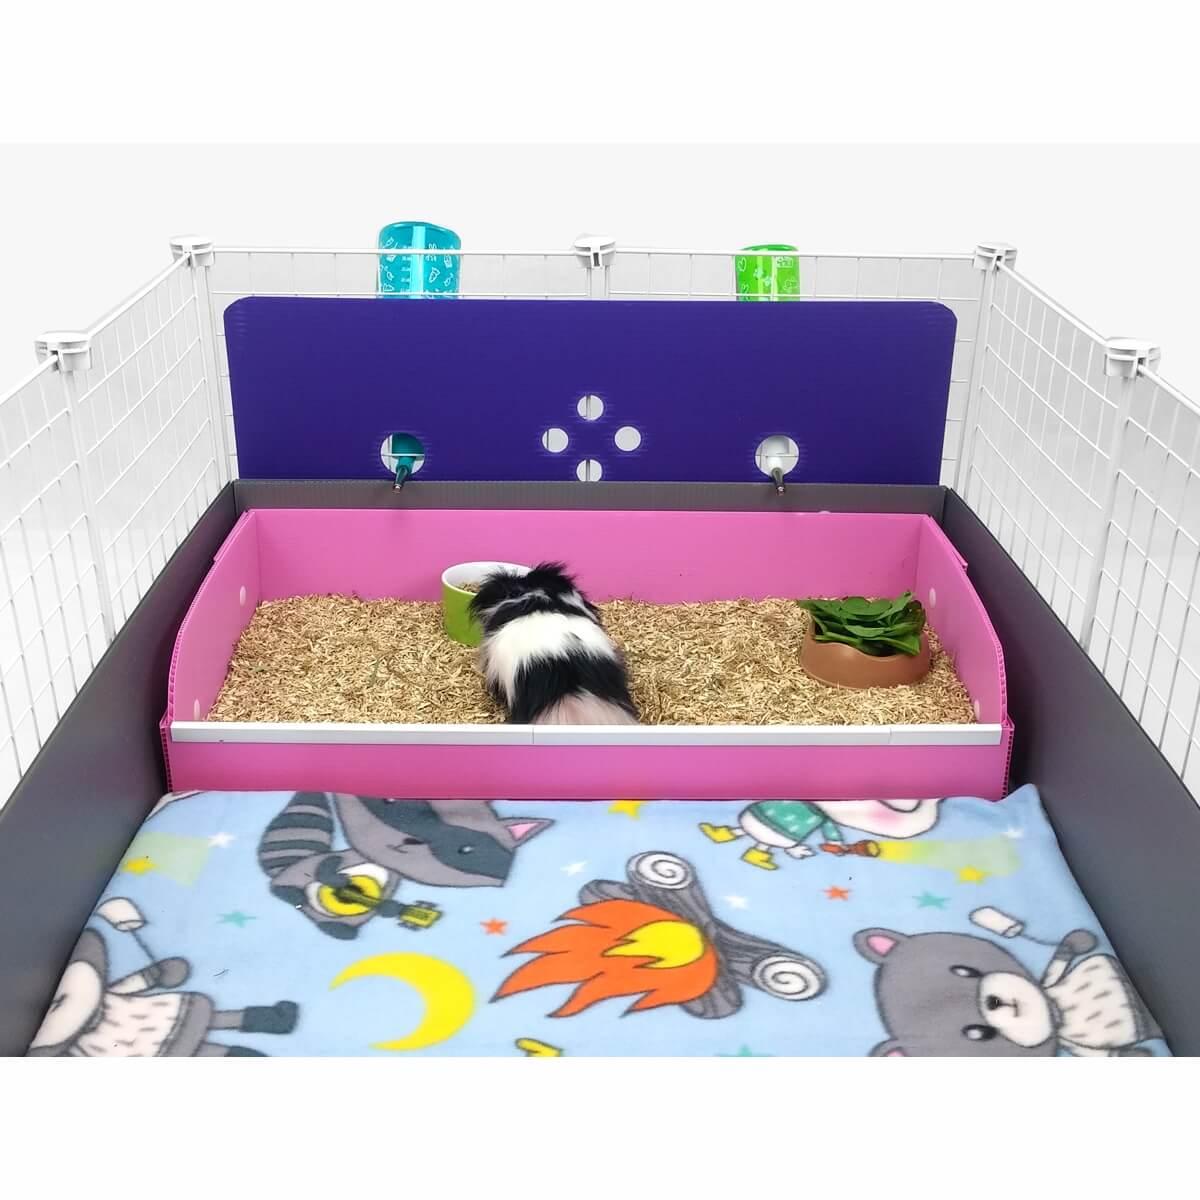 Cavy Backsplash For Kitchen Area C Amp C Guinea Pig Cage